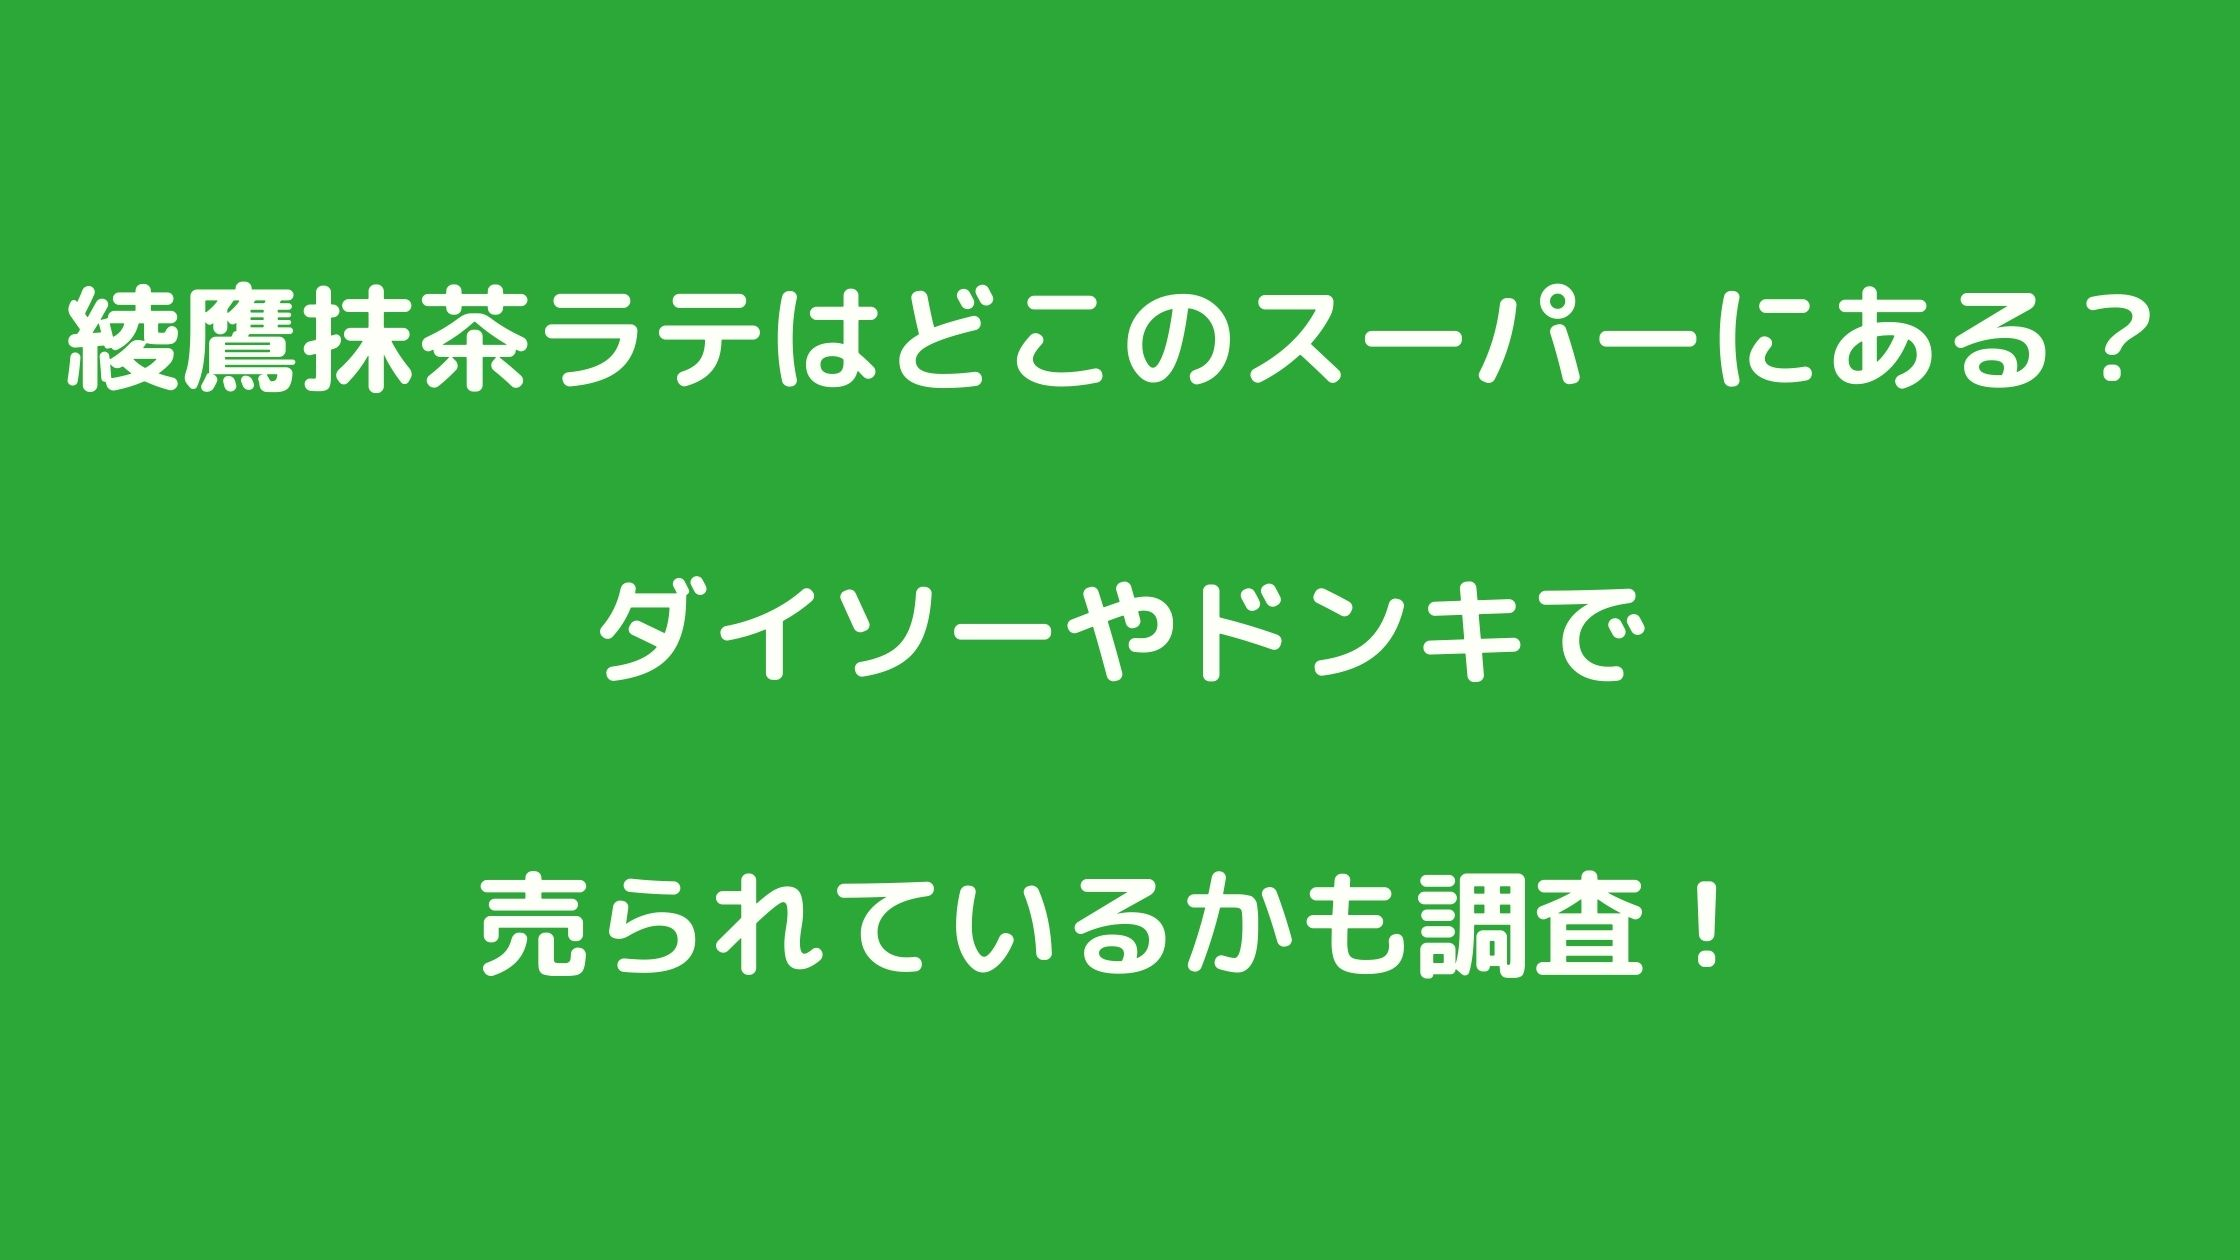 綾鷹抹茶ラテはどこのスーパーにある?ダイソーやドンキで売られているかも調査!